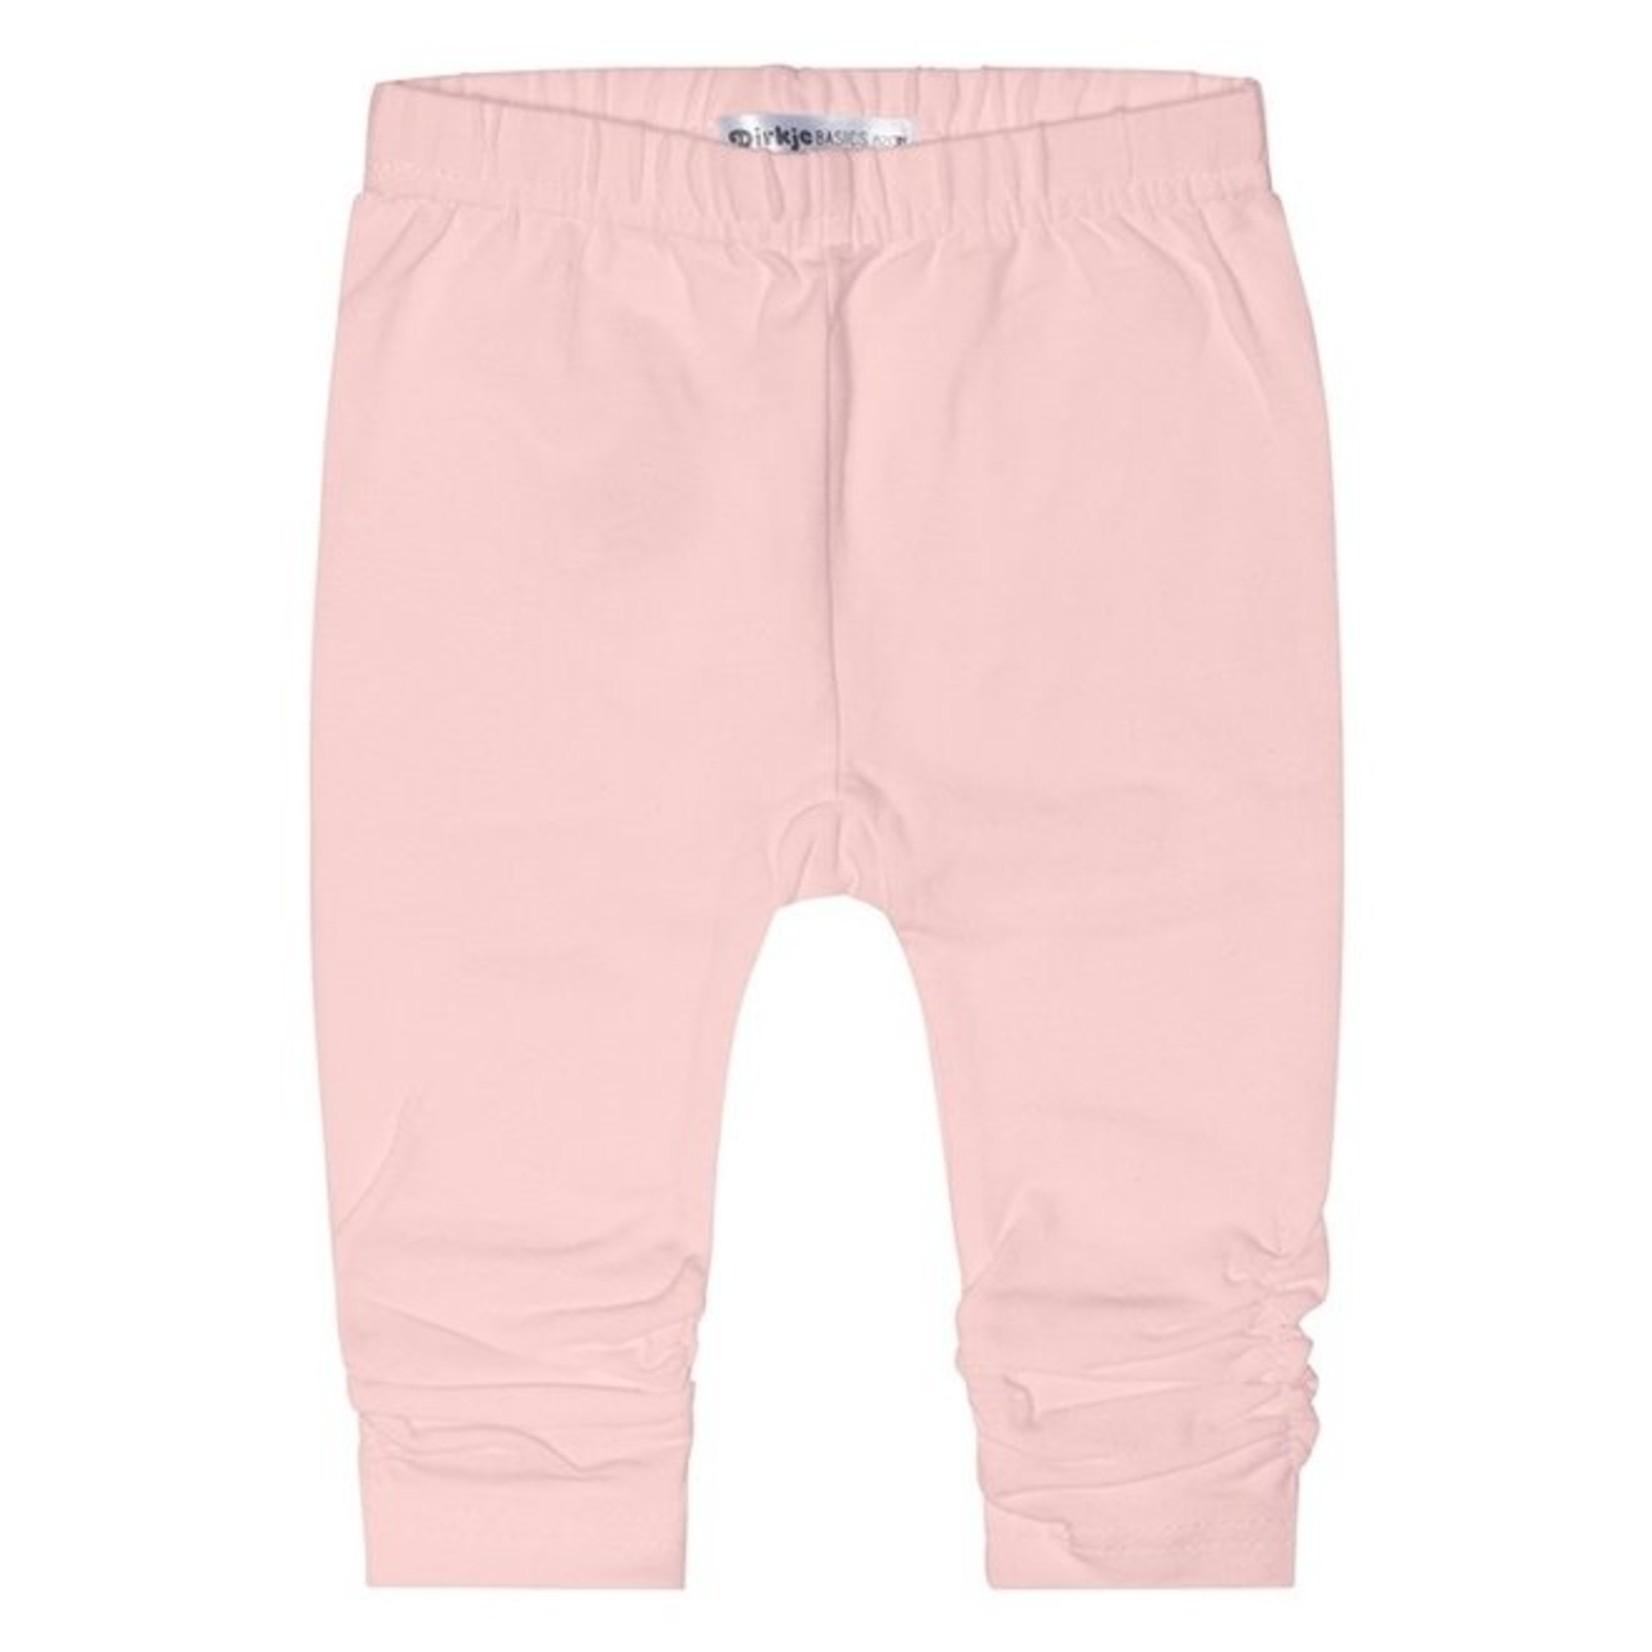 Dirkje Meisjes legging licht roze